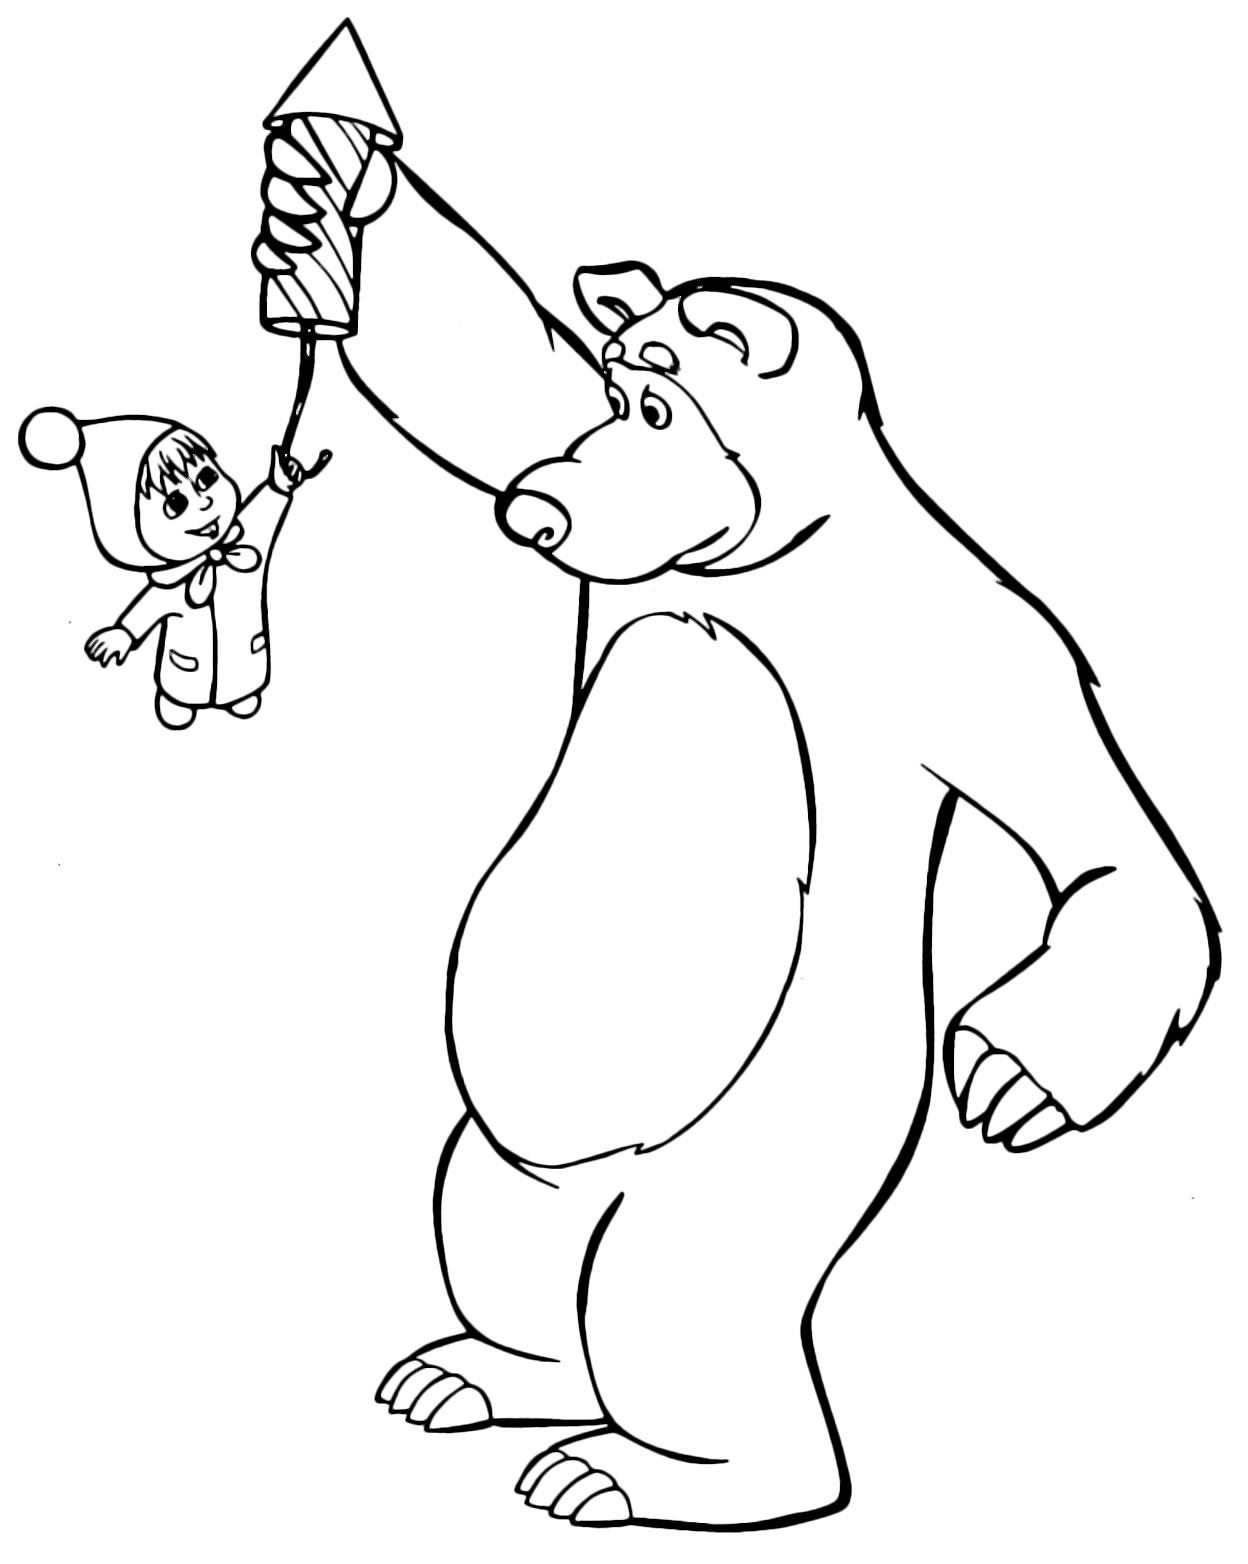 Desenho de Marsha e o Urso para colorir